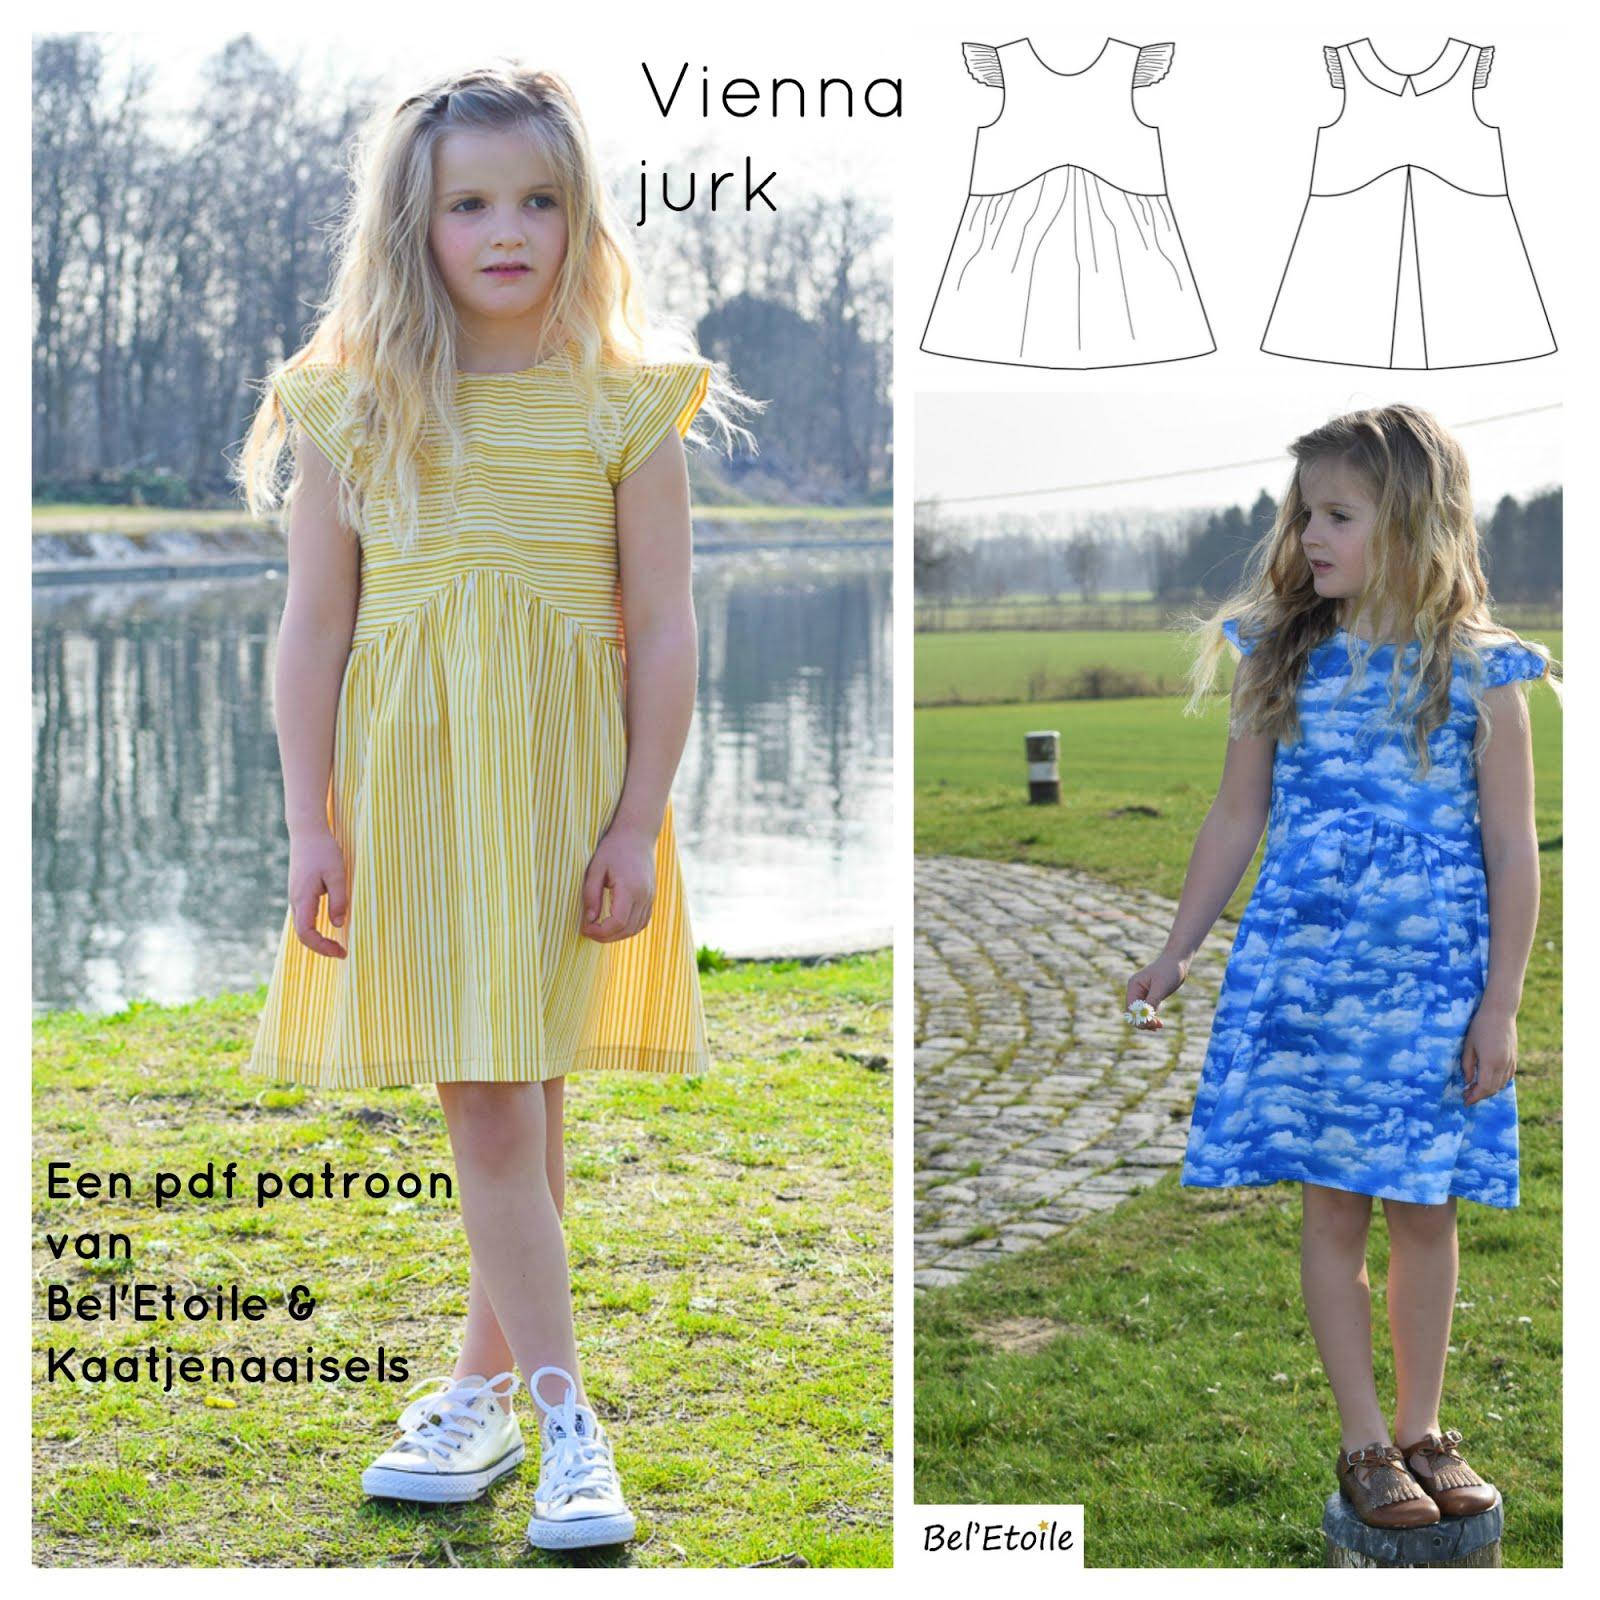 Vienna jurk - pdf patroon